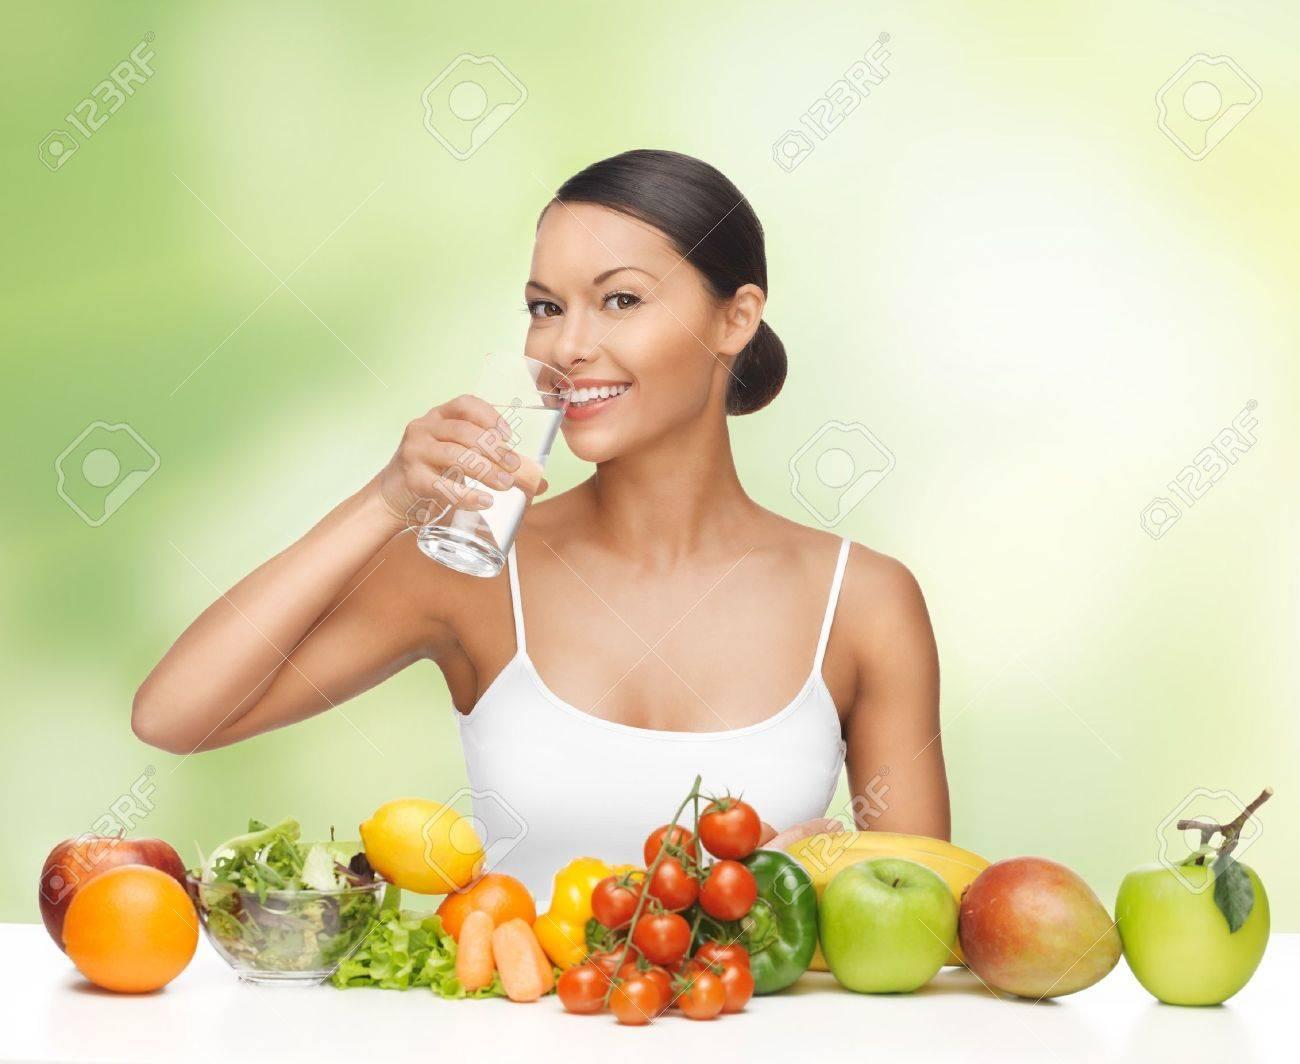 Раздельное питание для похудения: правила сочетания